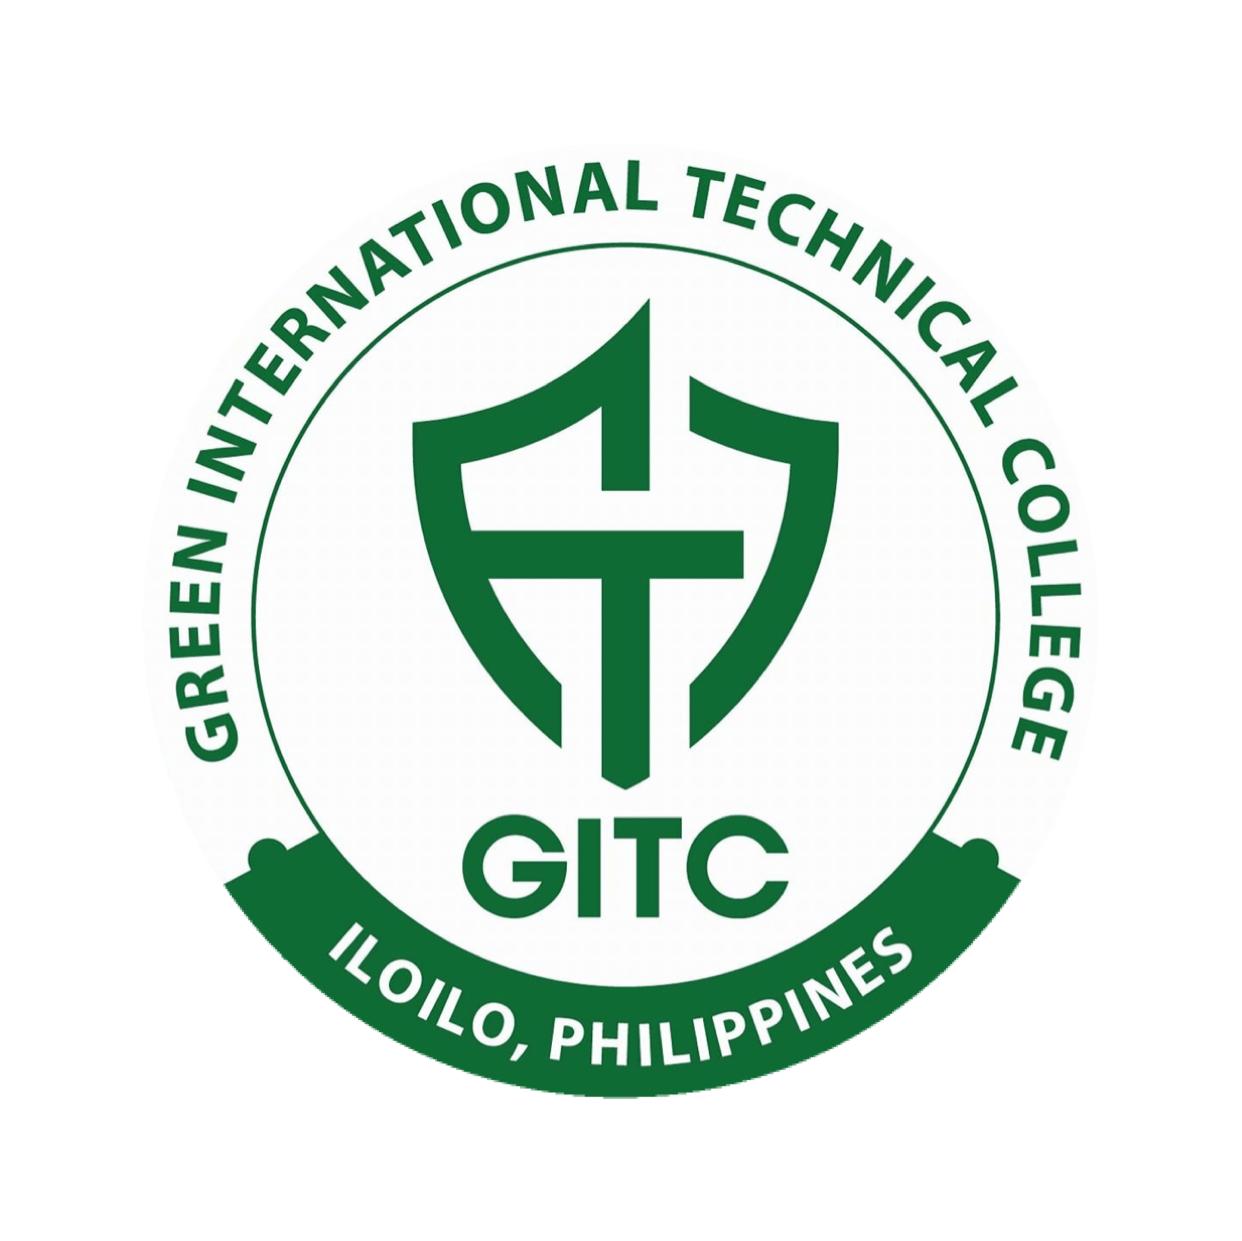 gitc-logo